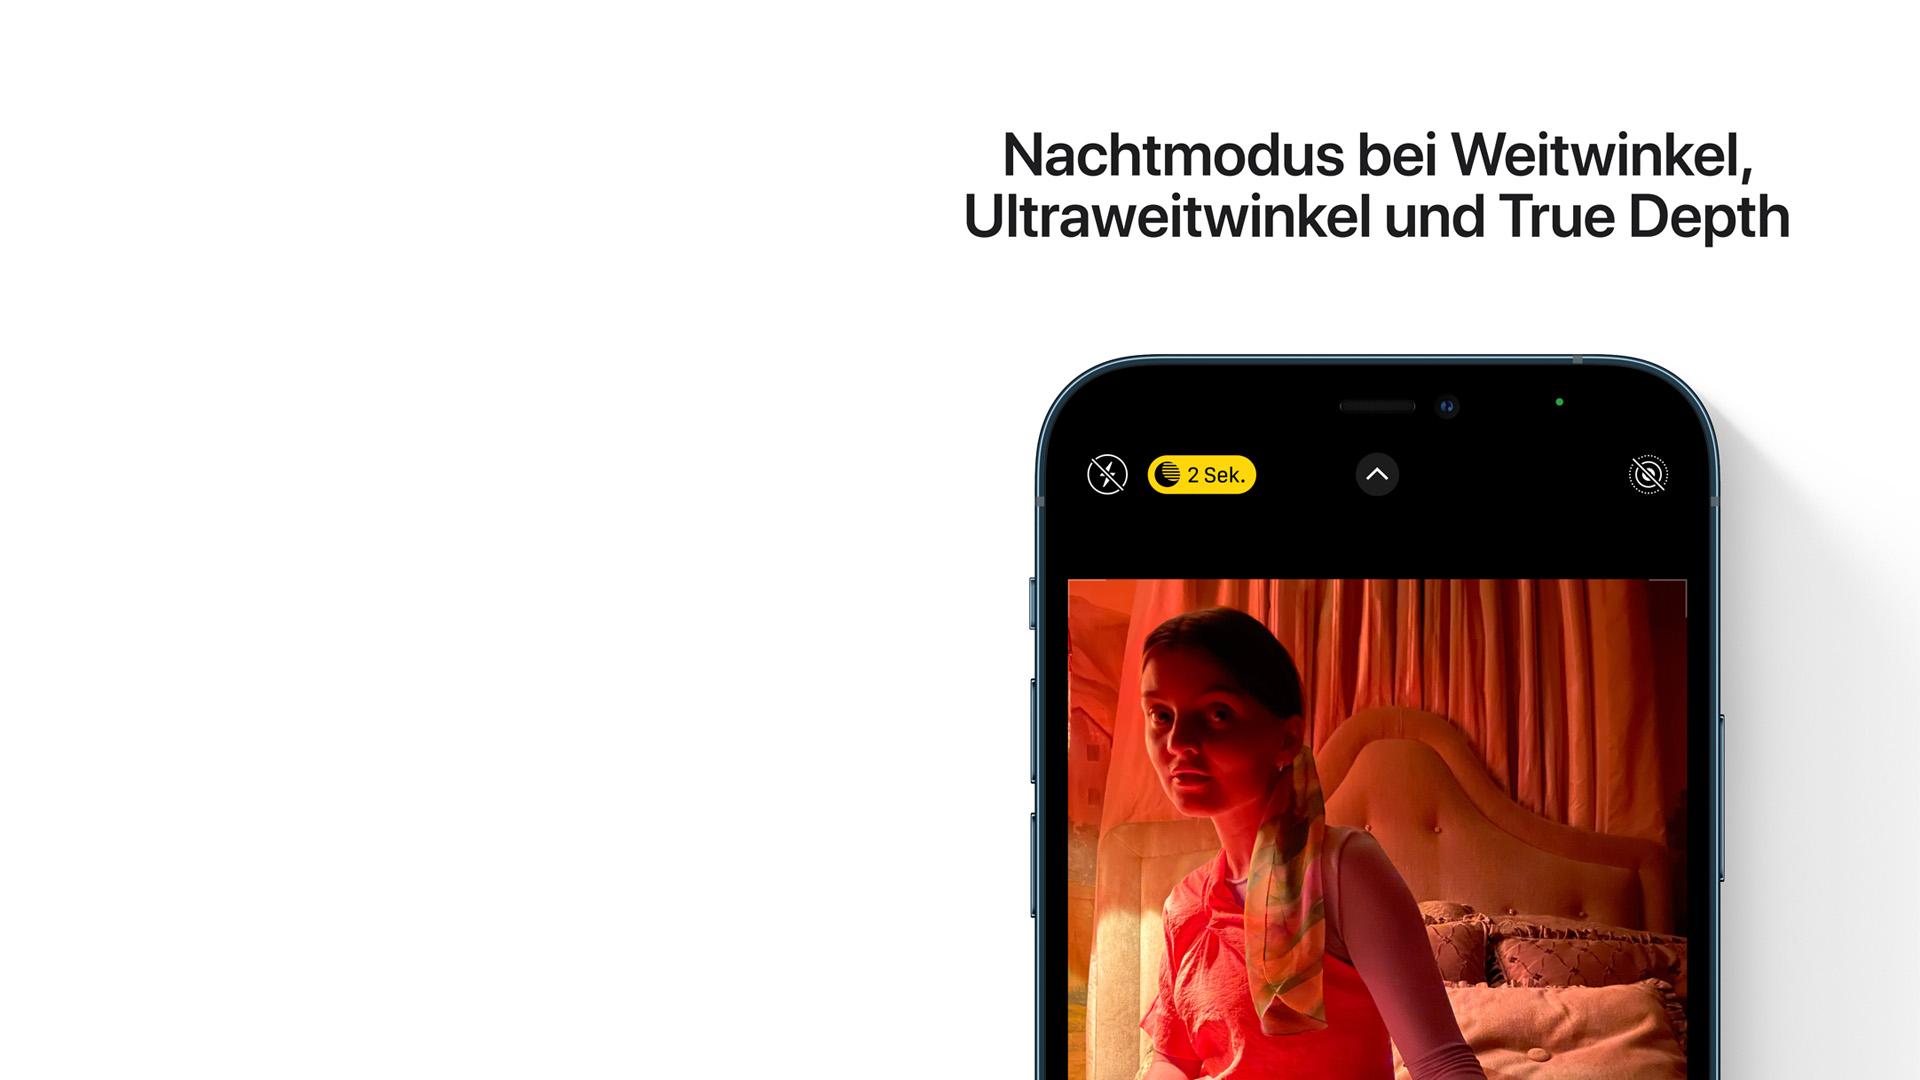 Der Nachtmodus bei Weitwinkel, Ultraweitwinkel und True Depth des neuen iPhone 12.